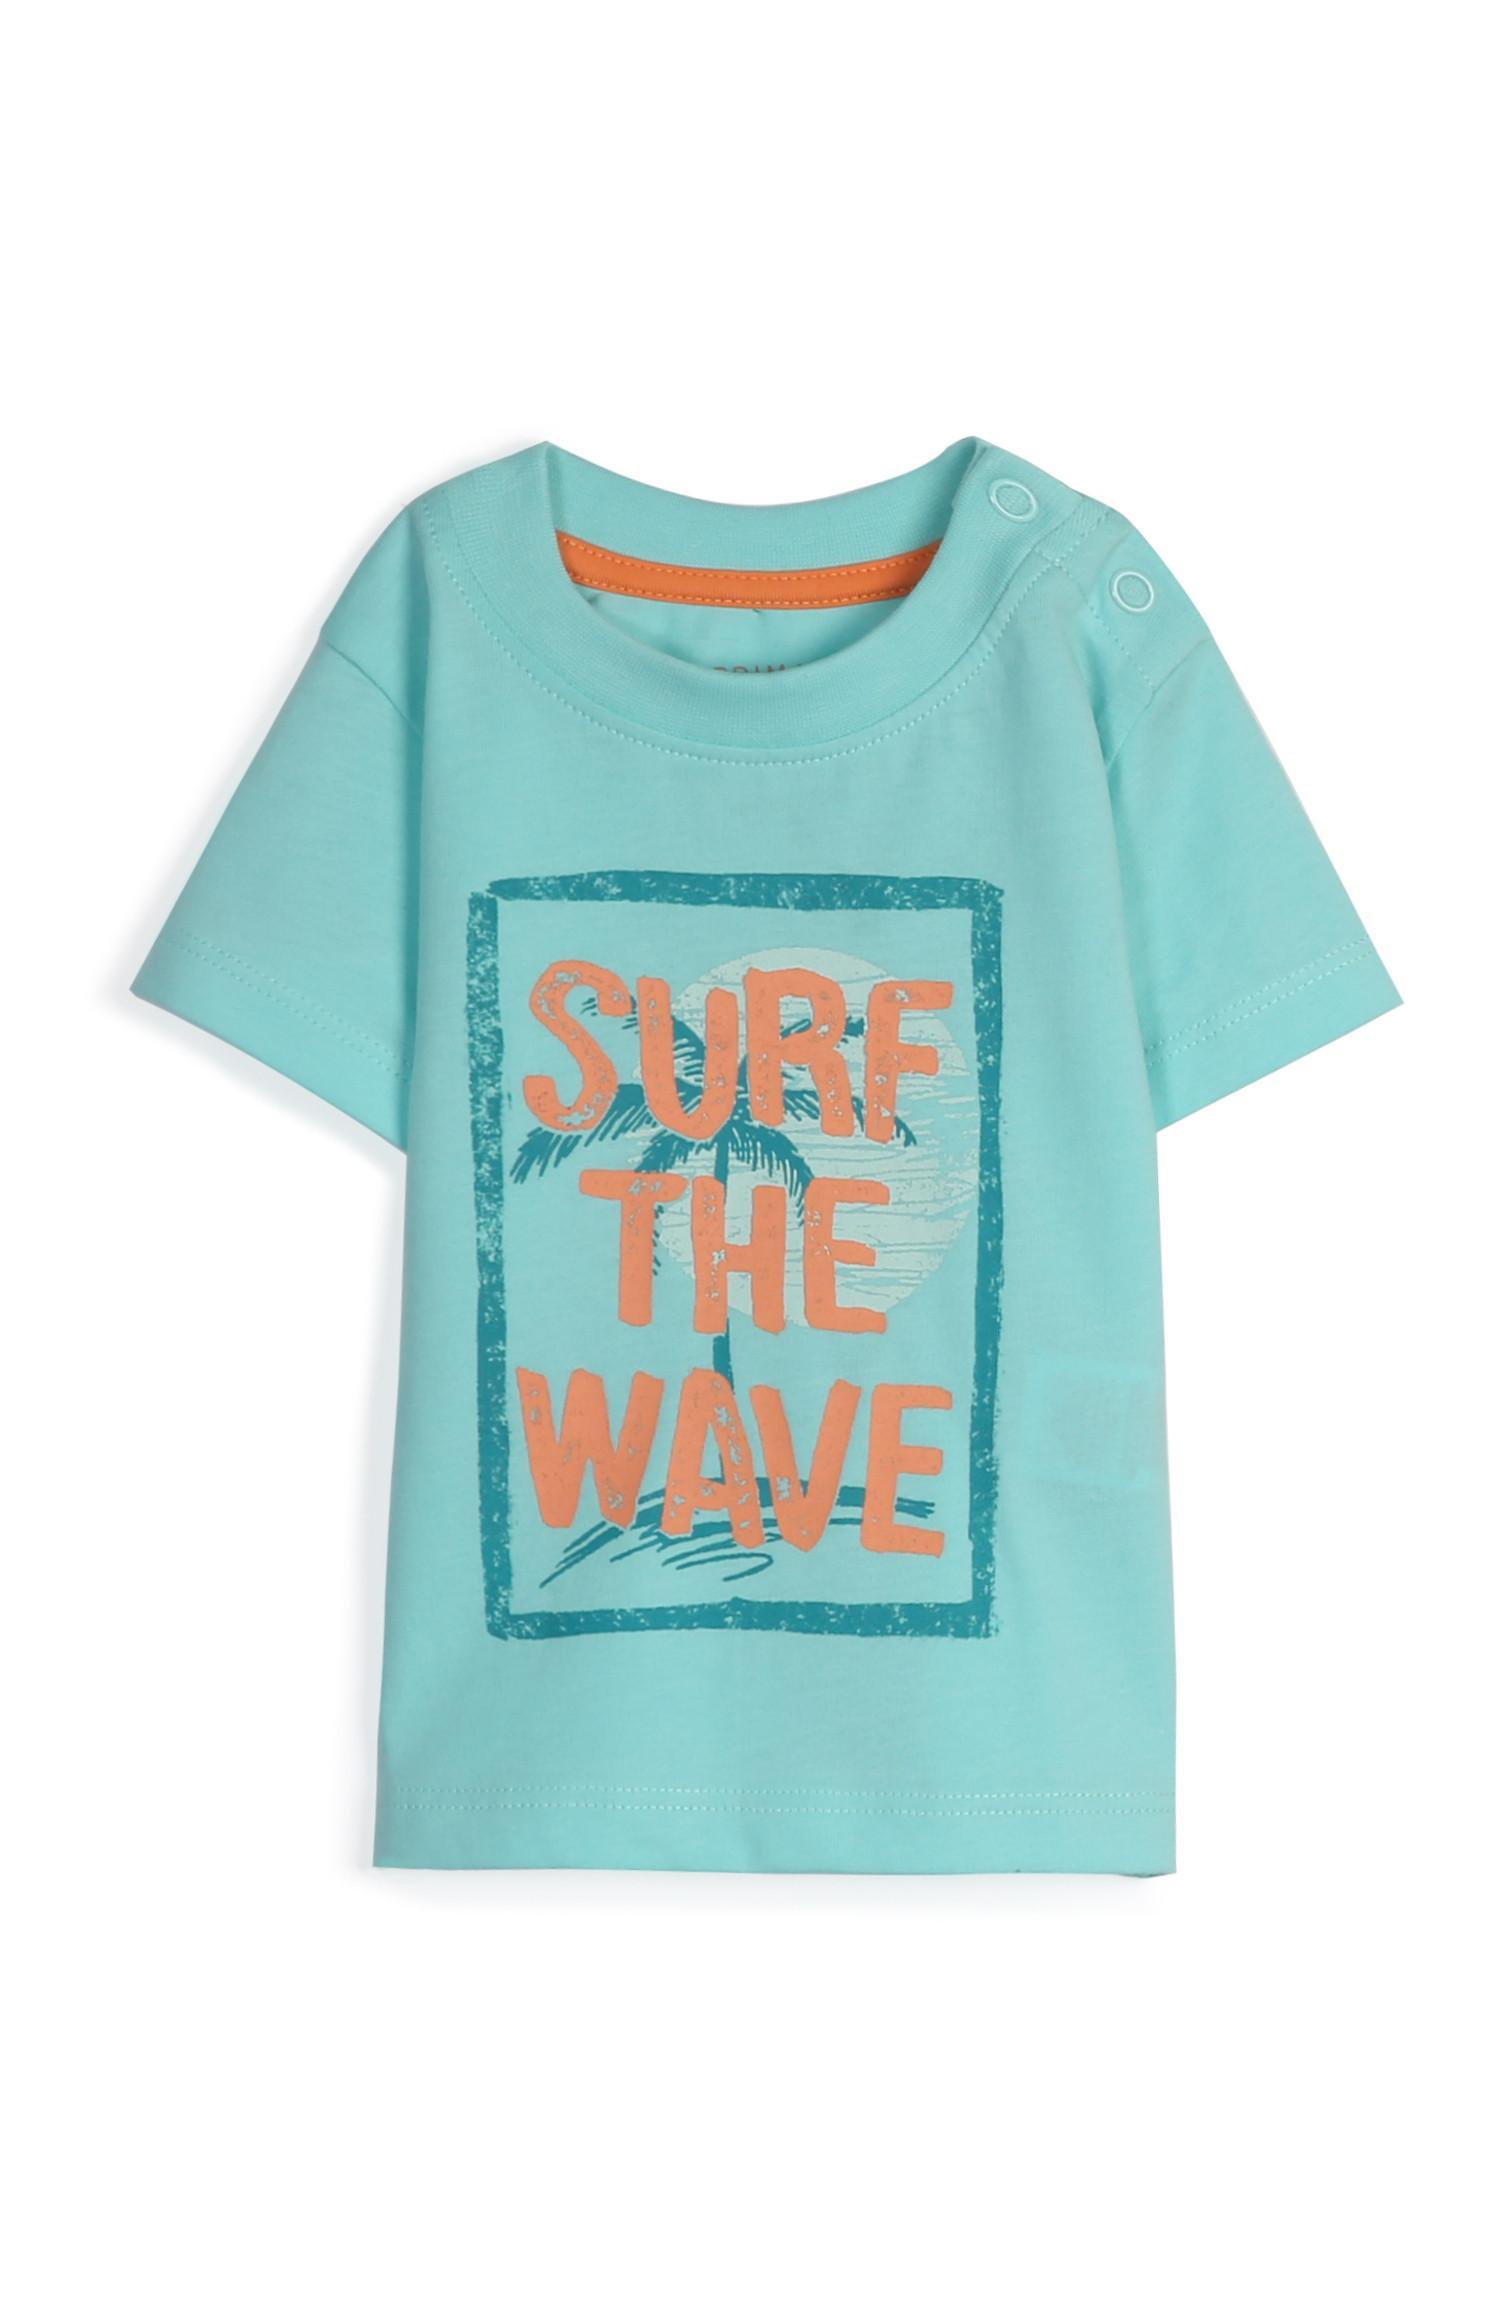 T-shirt slogan menino bebé